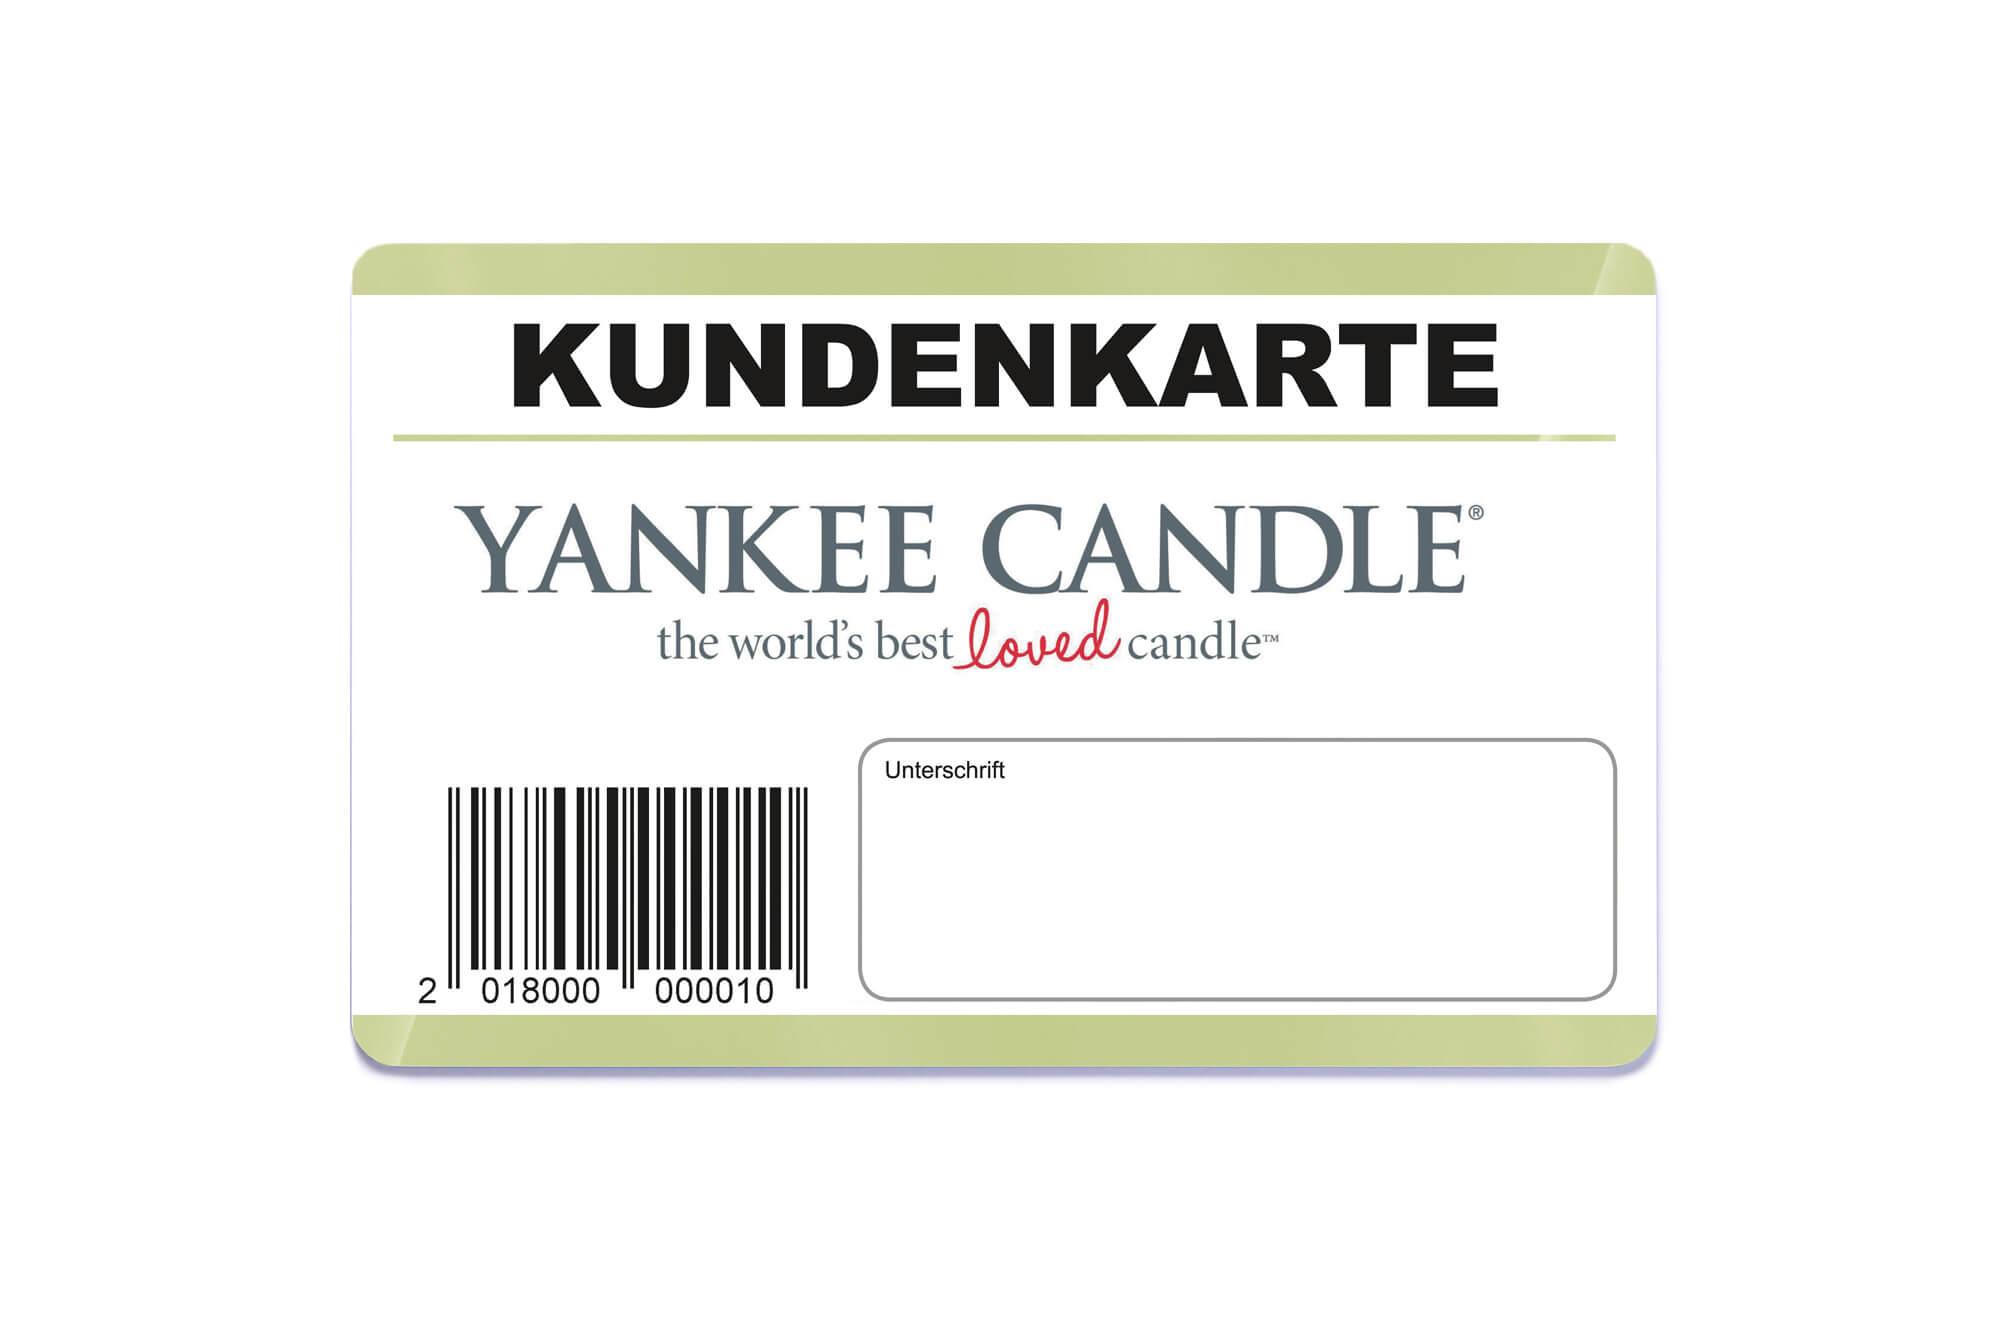 Schreibfelder Beispiel Kundenkarte Yankee